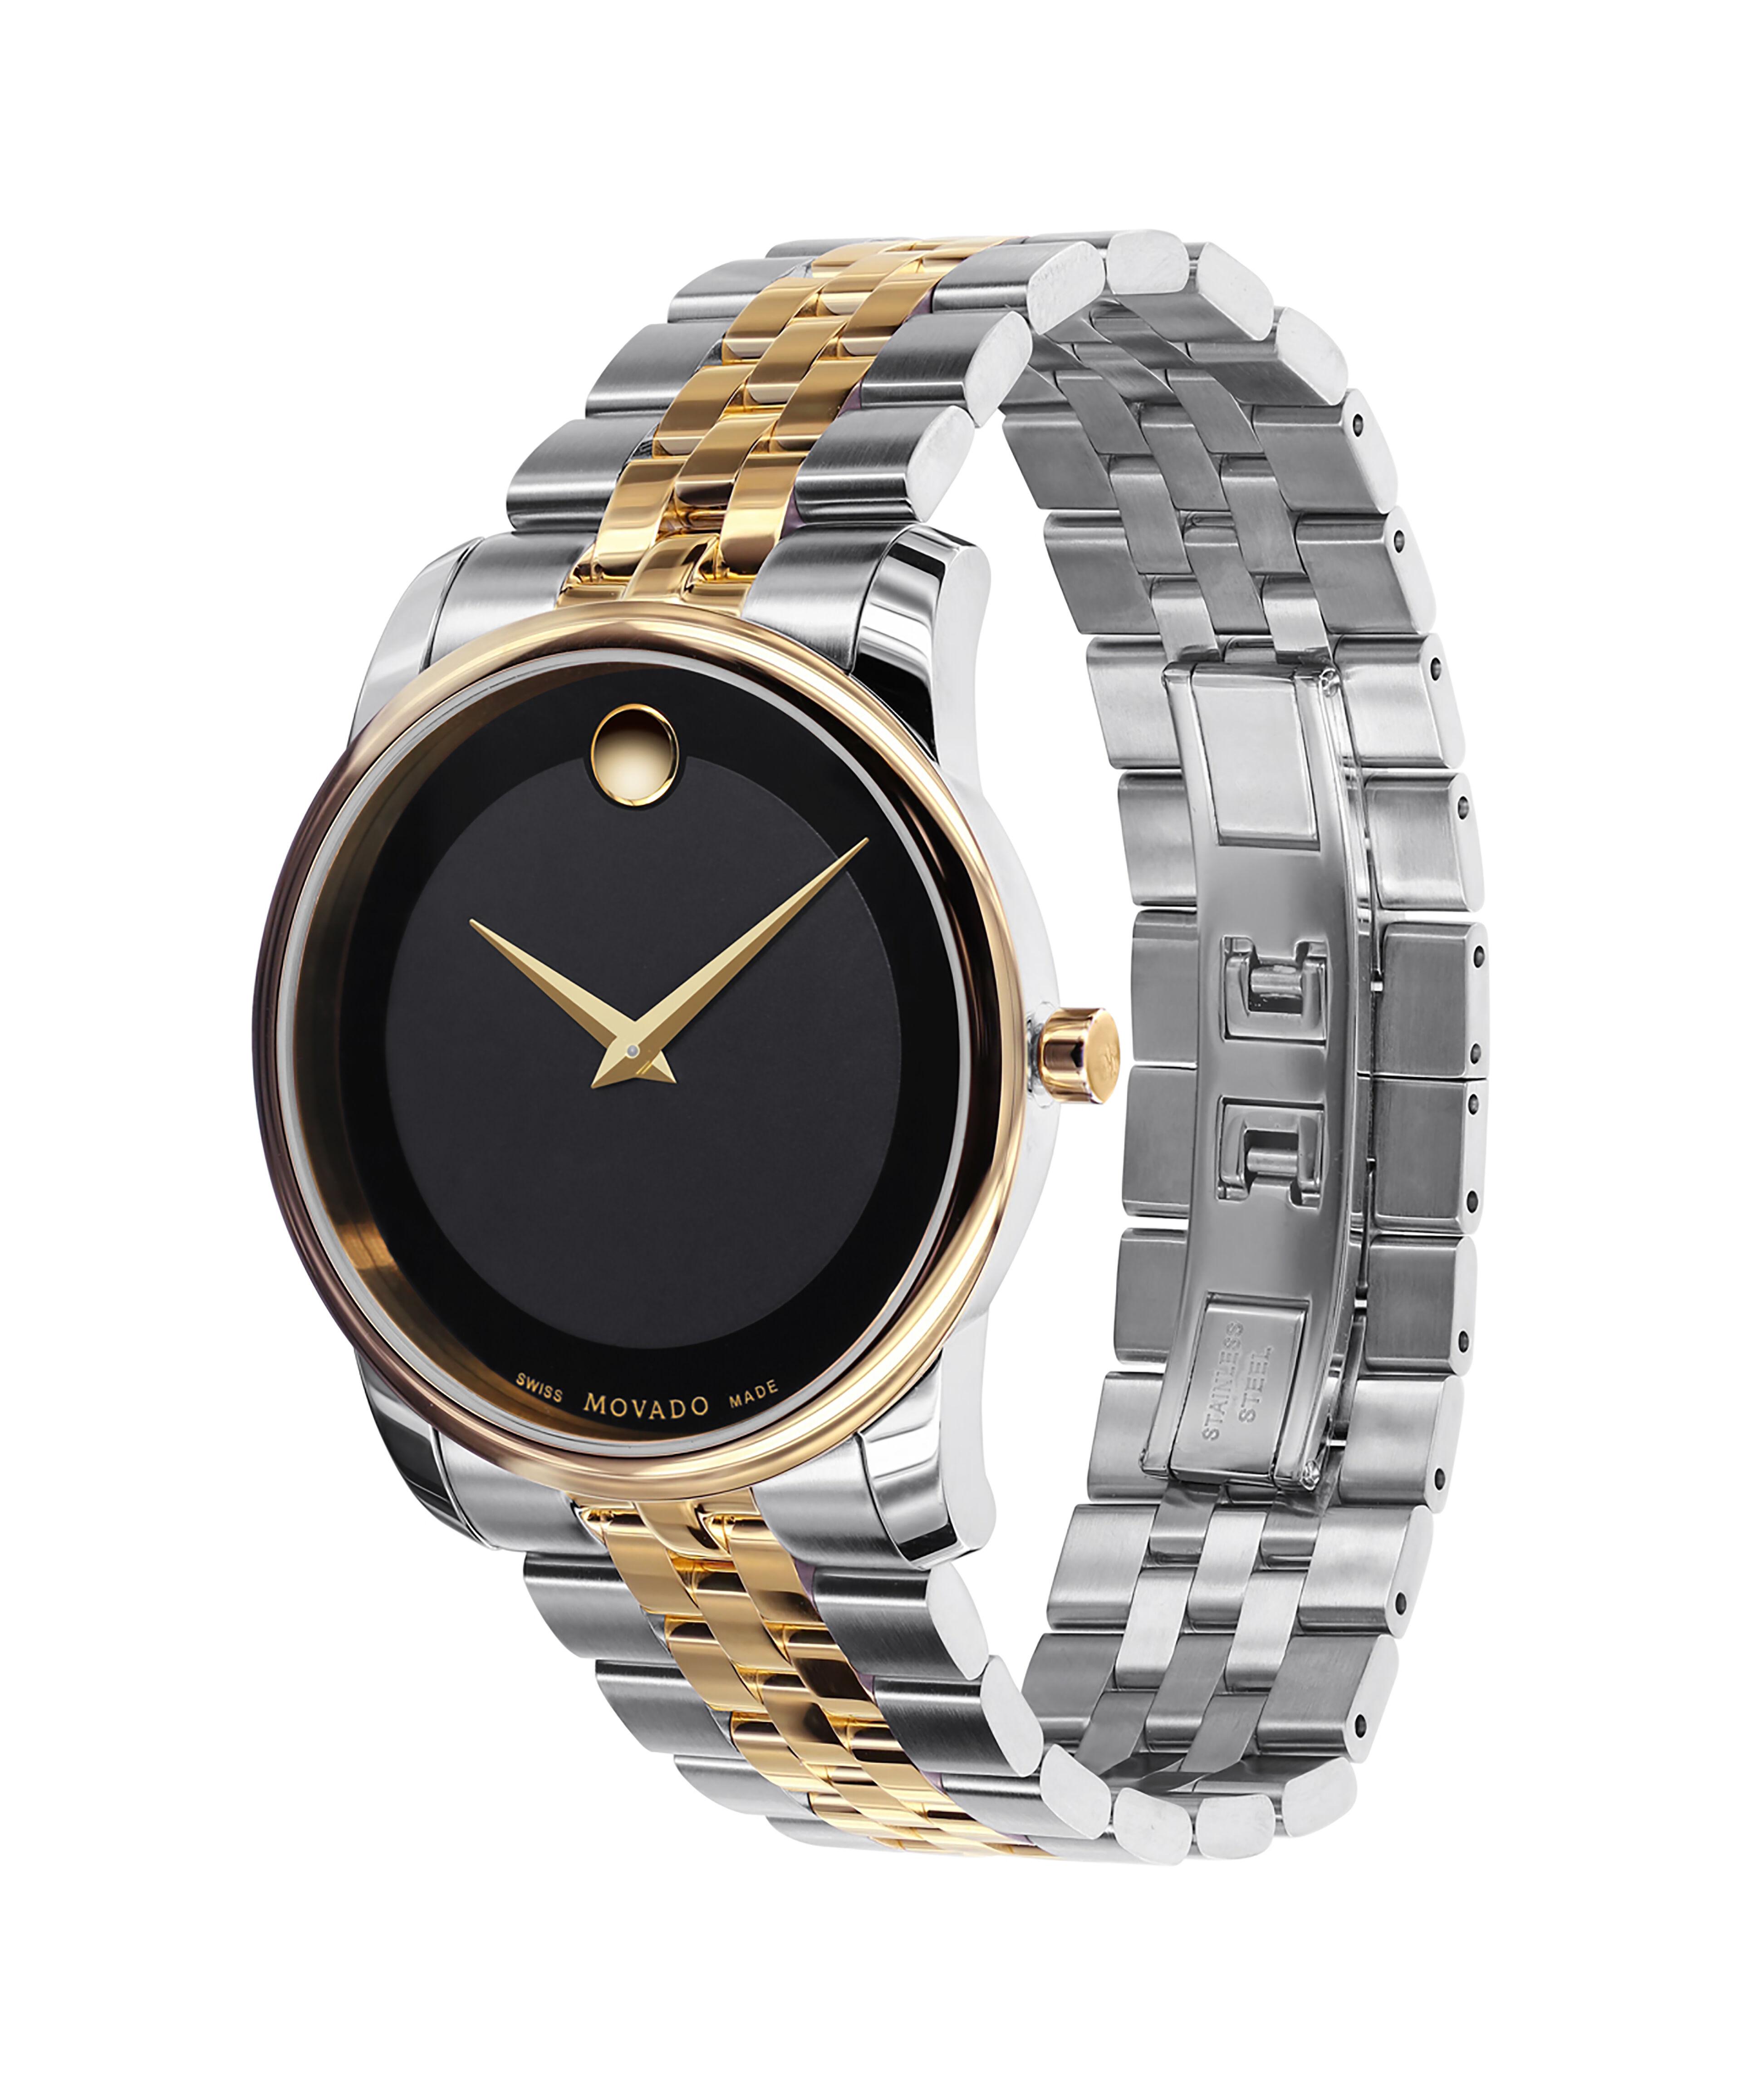 Best Imitation Rolex Watches